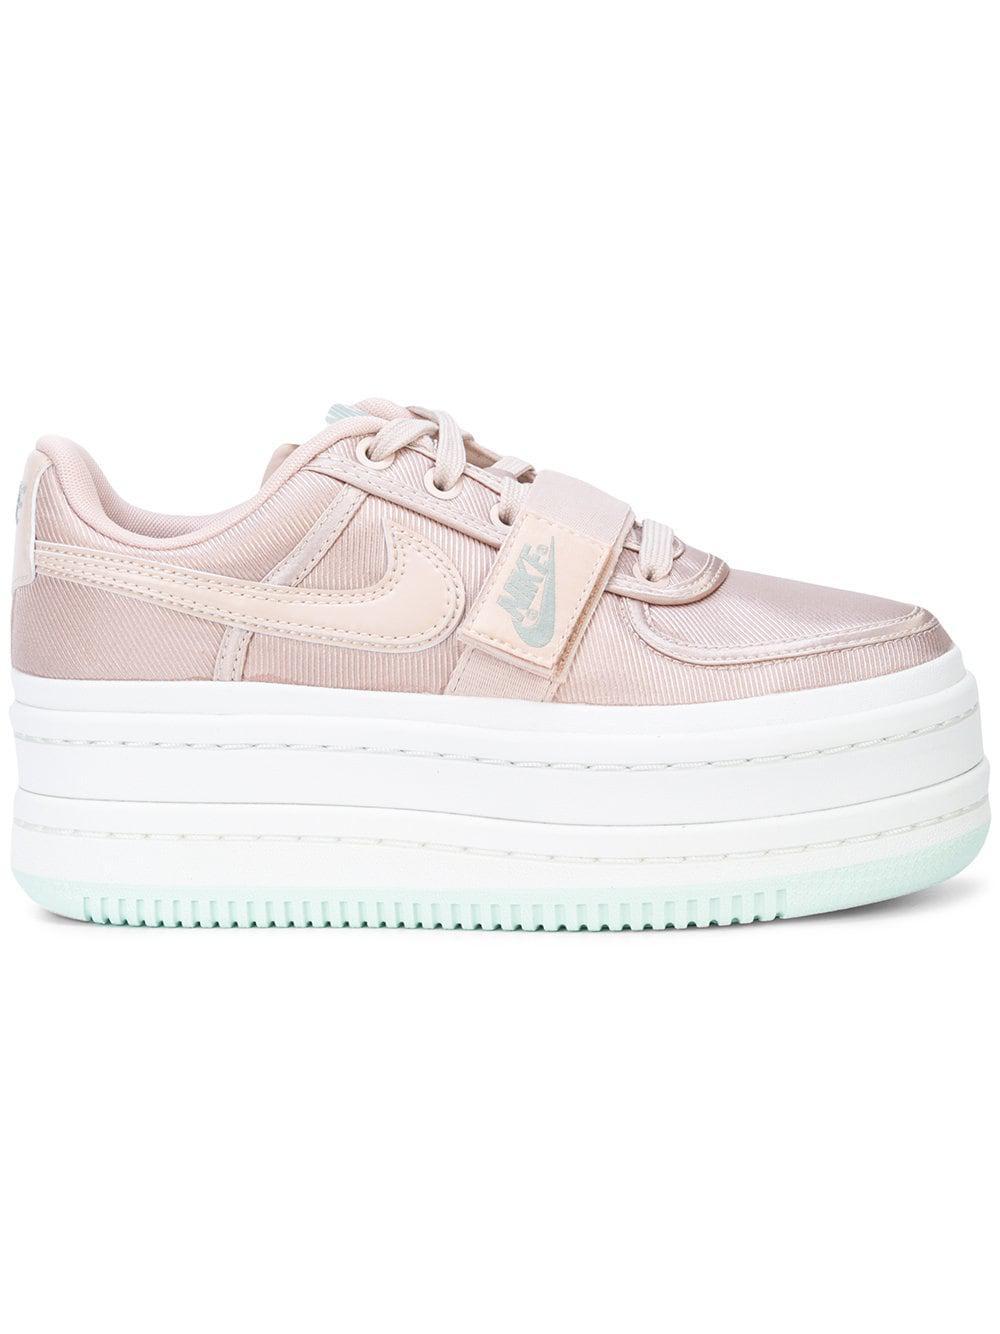 Nike Leather Vandal 2k Sneakers in Pink